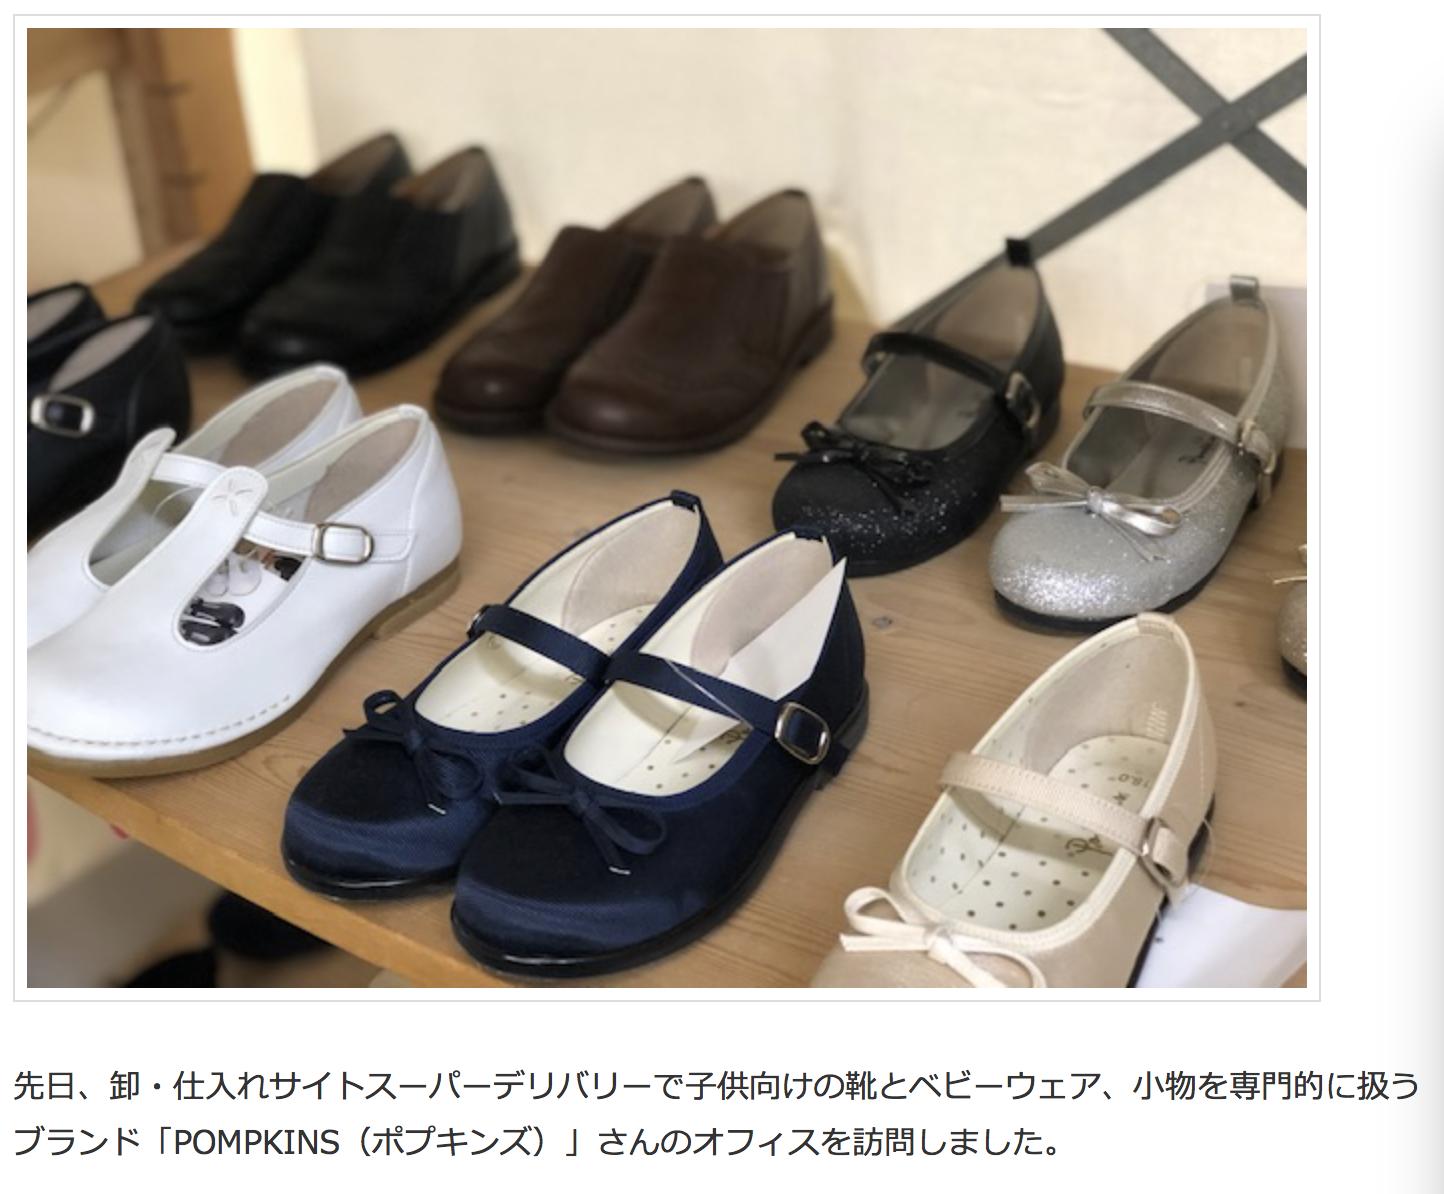 [記事掲載]    株式会社ラクーンコマースインタビュー